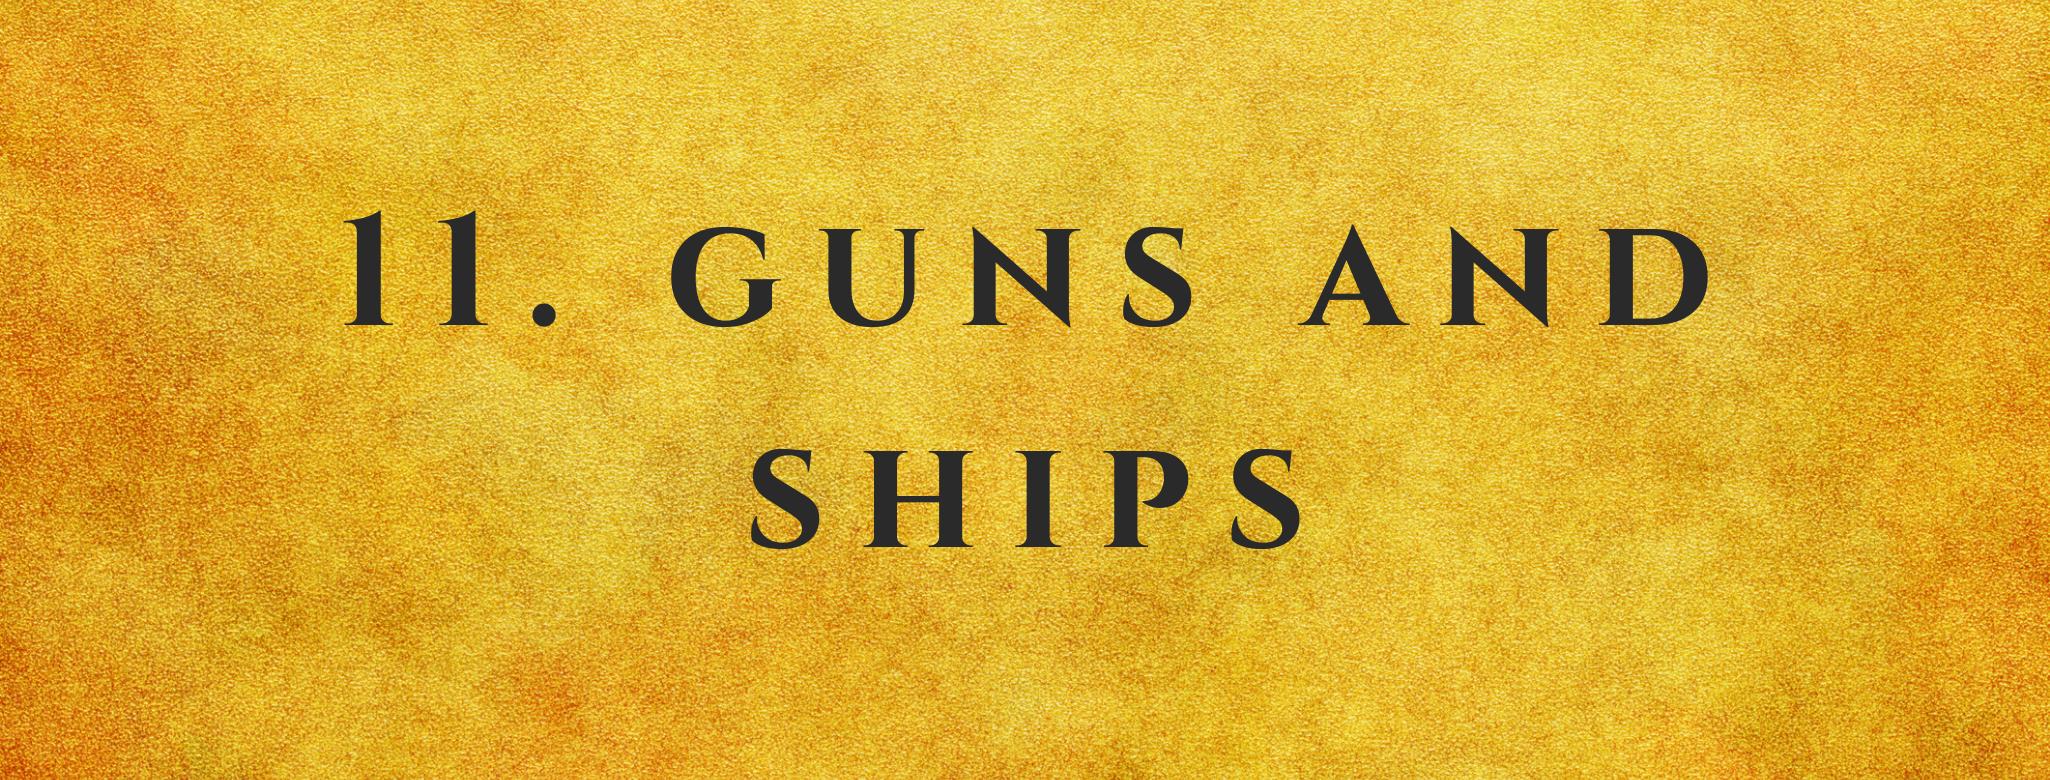 #11 Guns and Ships